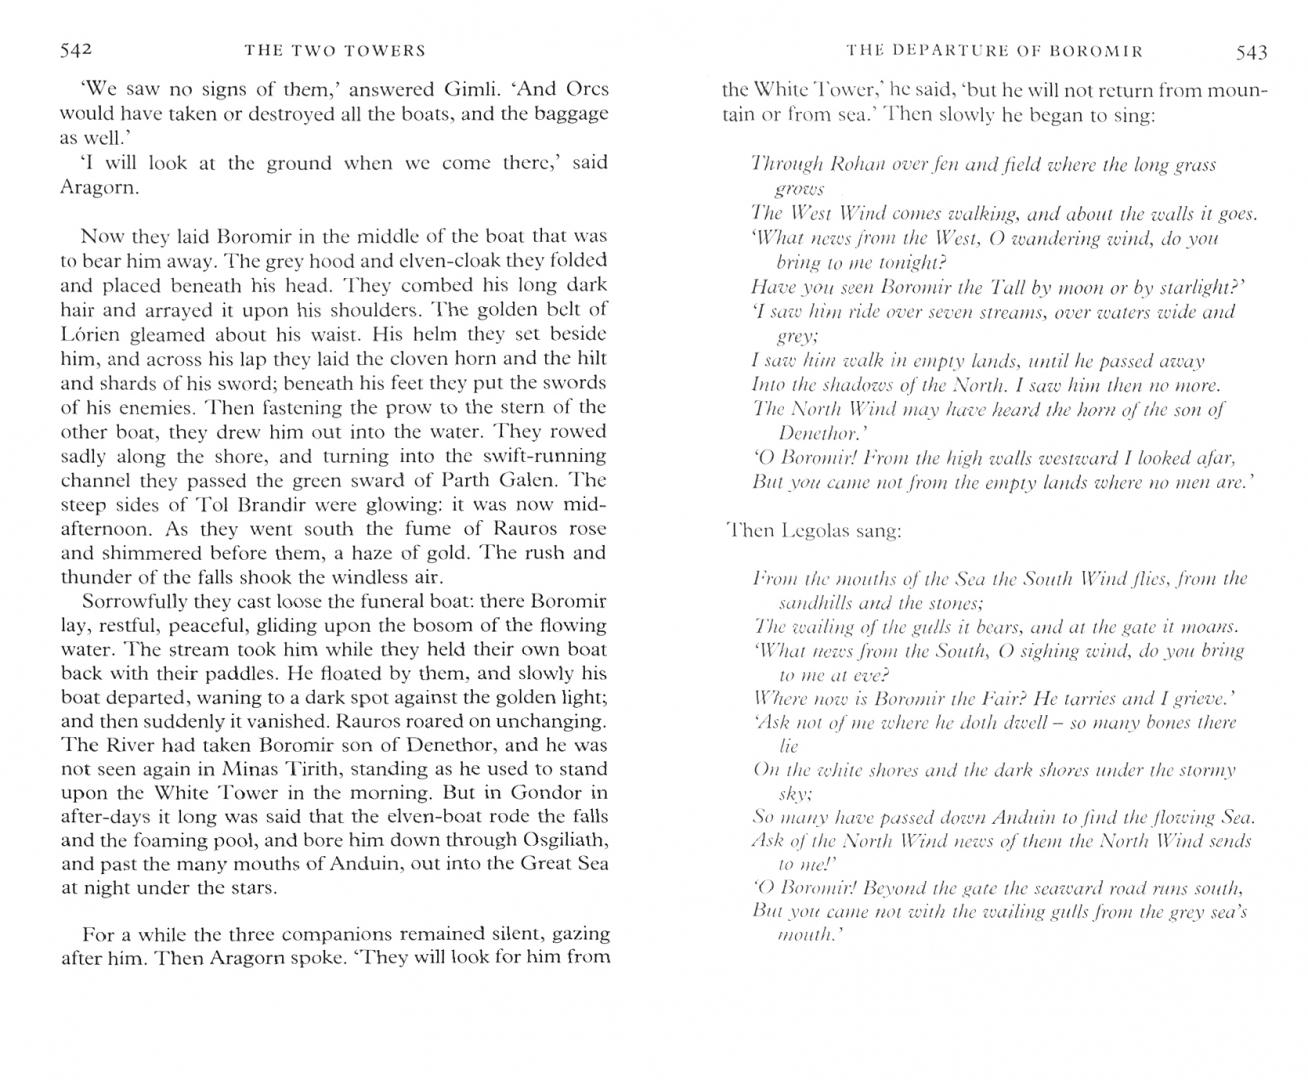 Иллюстрация 1 из 21 для The Two Towers (part 2) - Tolkien John Ronald Reuel   Лабиринт - книги. Источник: Лабиринт